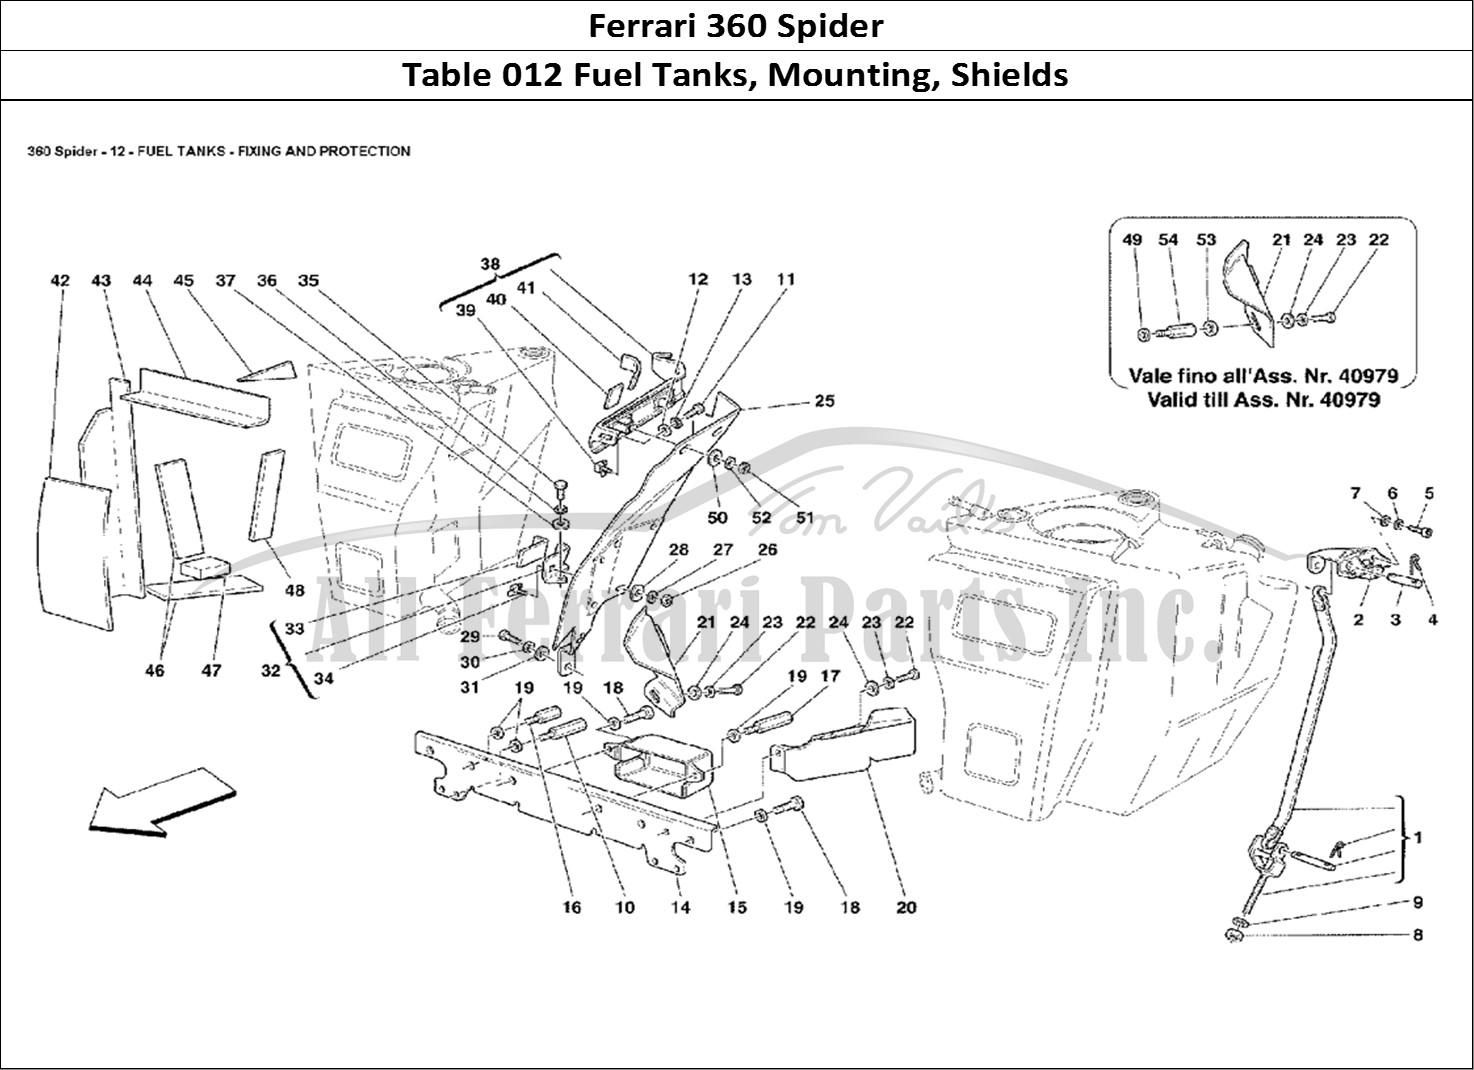 Buy Original Ferrari 360 Spider 012 Fuel Tanks Mounting